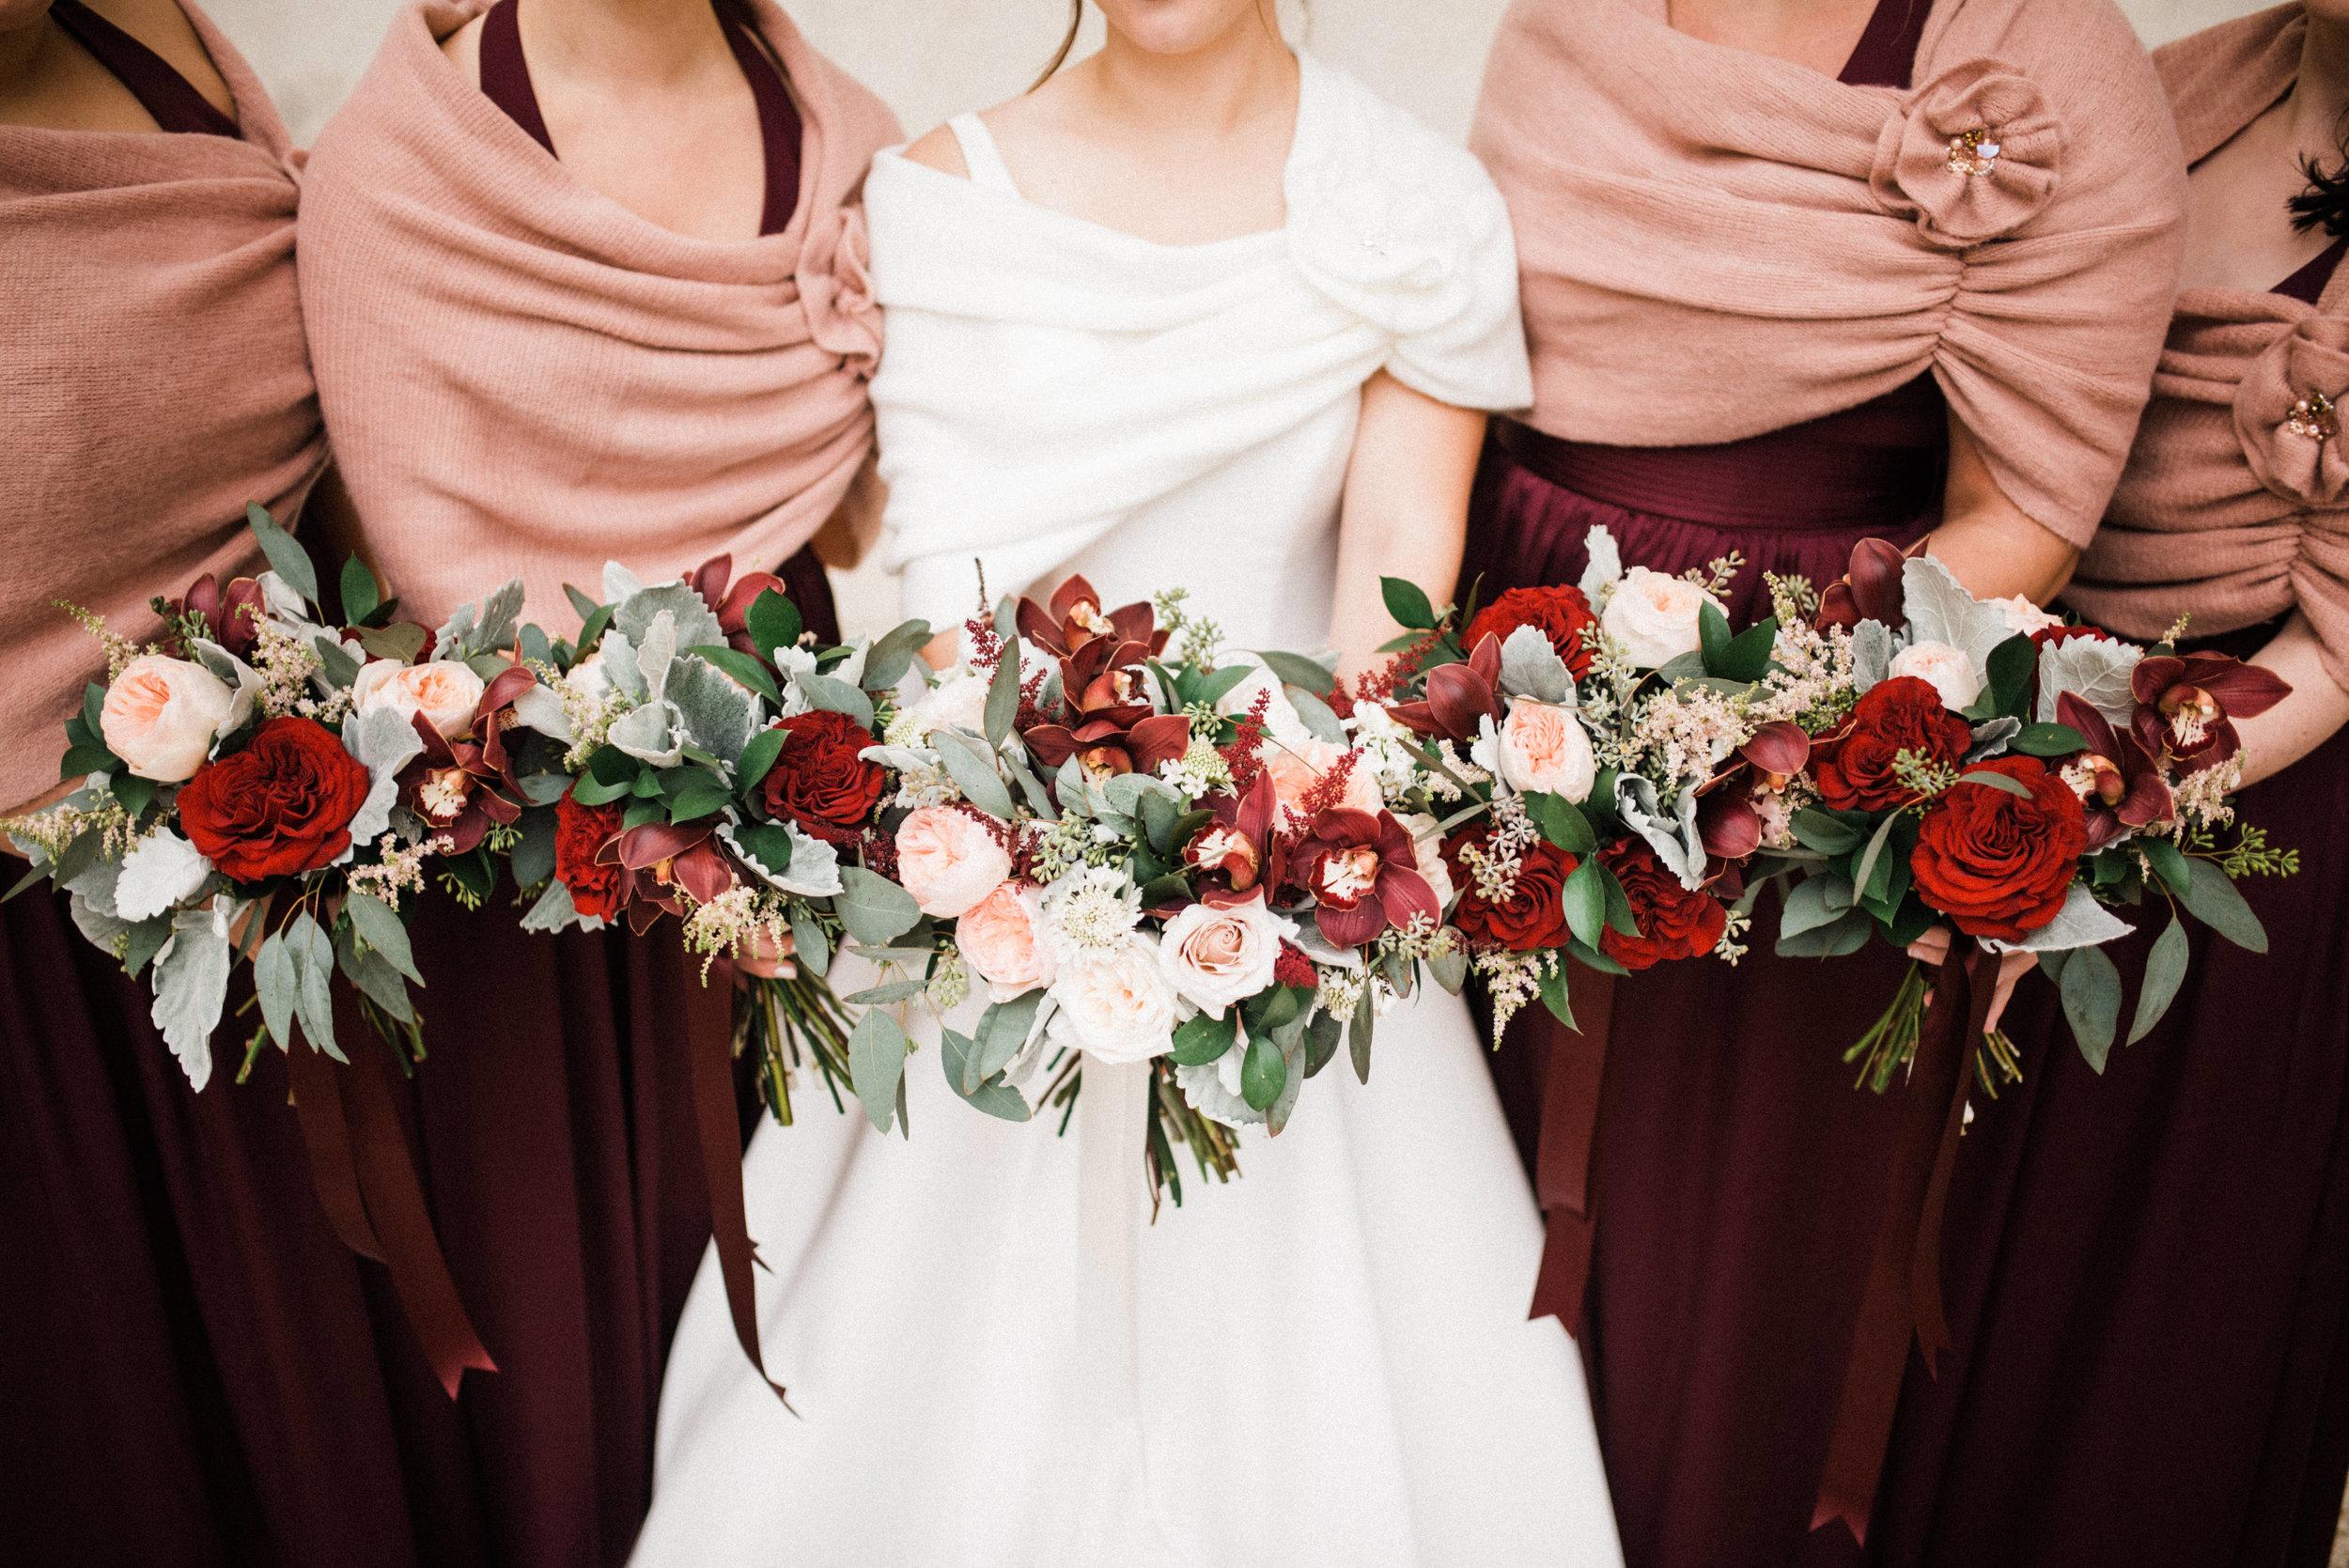 -Chelsea-Hall-Photography-Old-Courthouse-Wedding-Dayton-Ohio-57.jpg